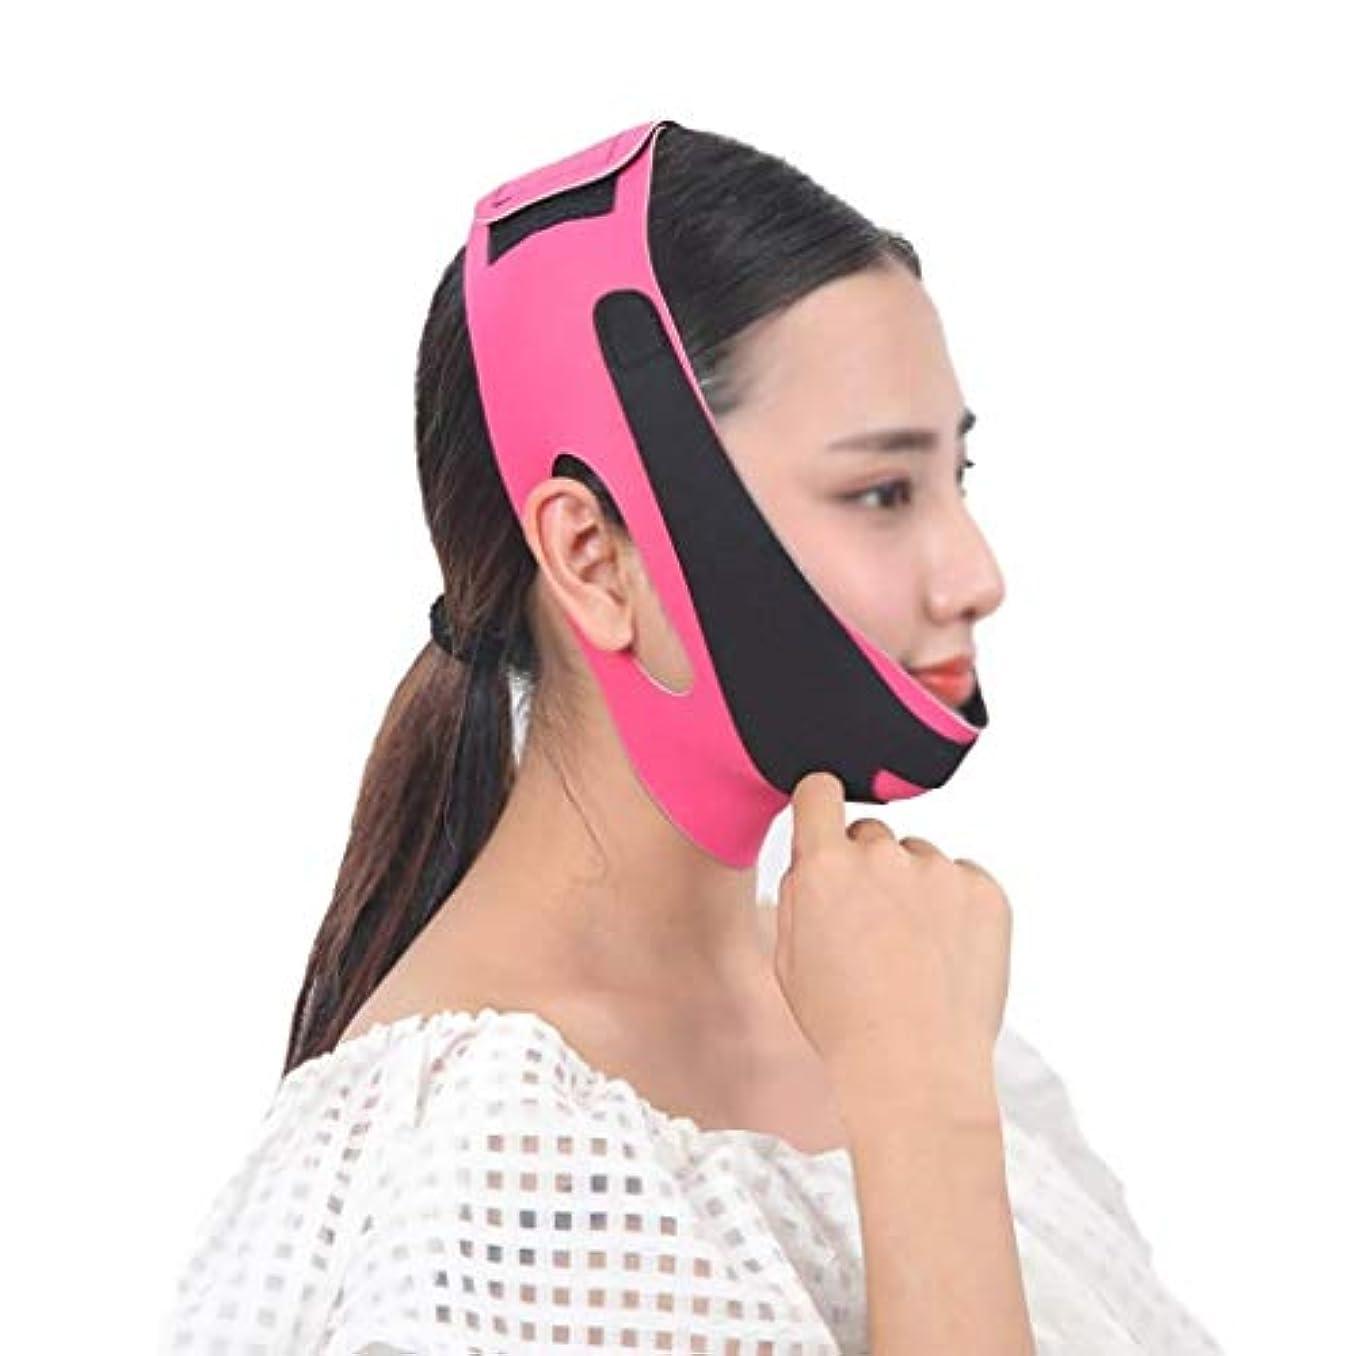 ミニチュアペンダントバルセロナフェイスアンドネックリフト術後弾性フェイスマスク小さなV顔アーティファクト薄い顔包帯アーティファクトV顔ぶら下げ耳リフティング引き締め薄い顔アーティファクト